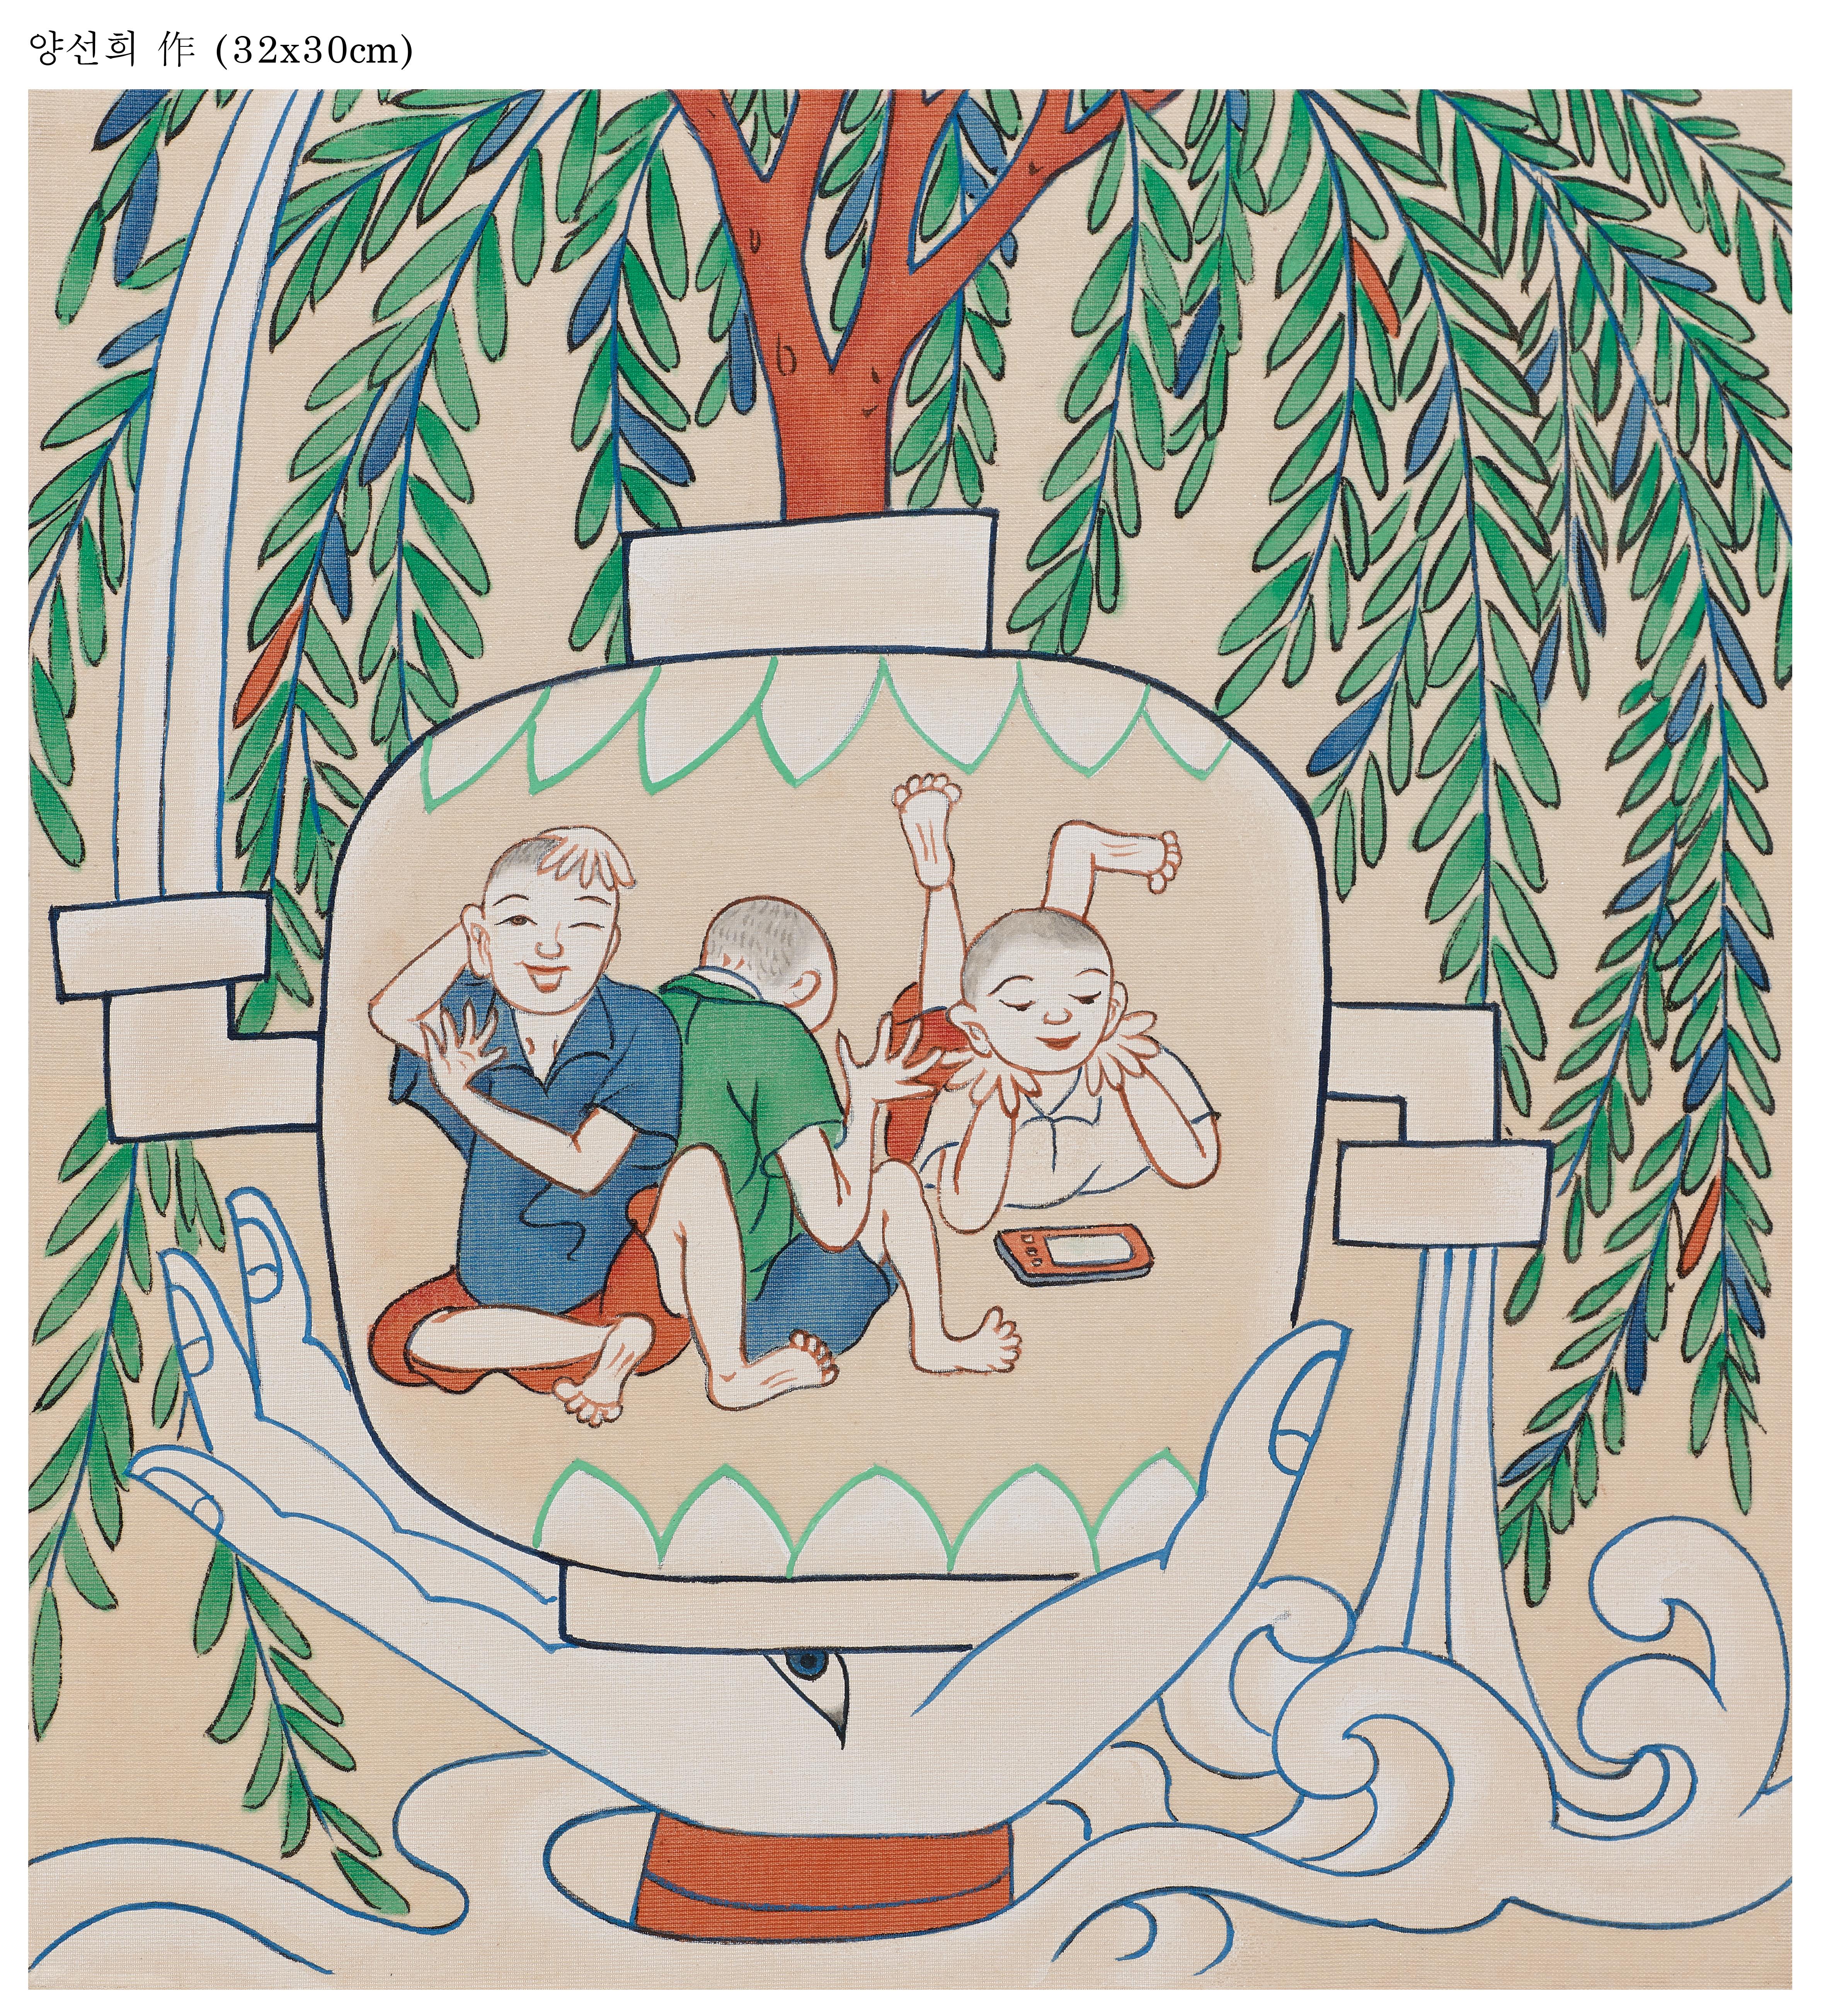 12_정병의 버드나무 푸른 가지는 언제나 환희여라